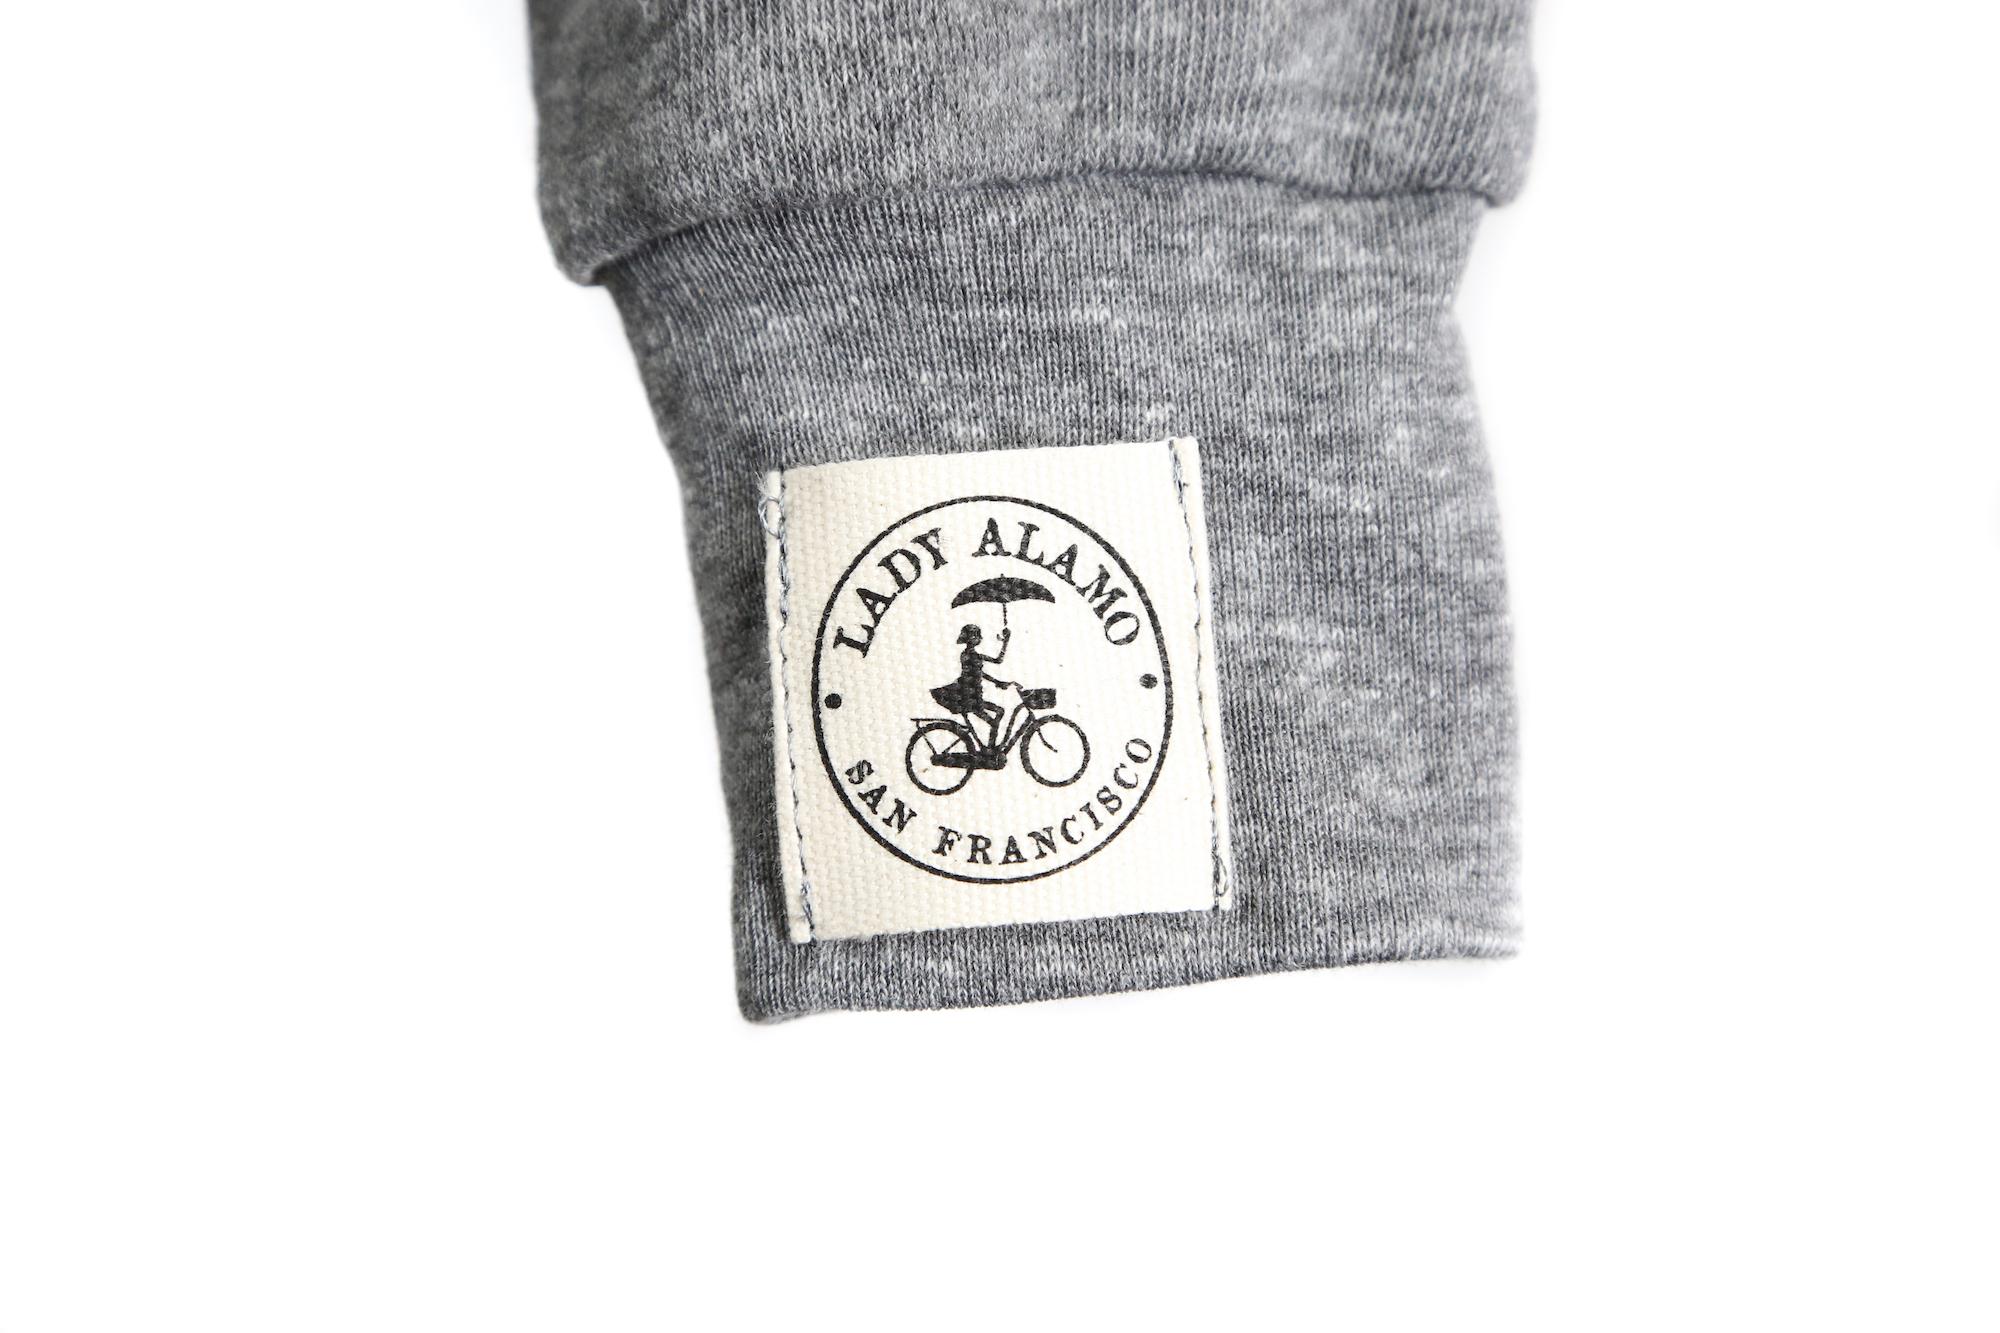 Custom woven label on sweatshirt sleeve